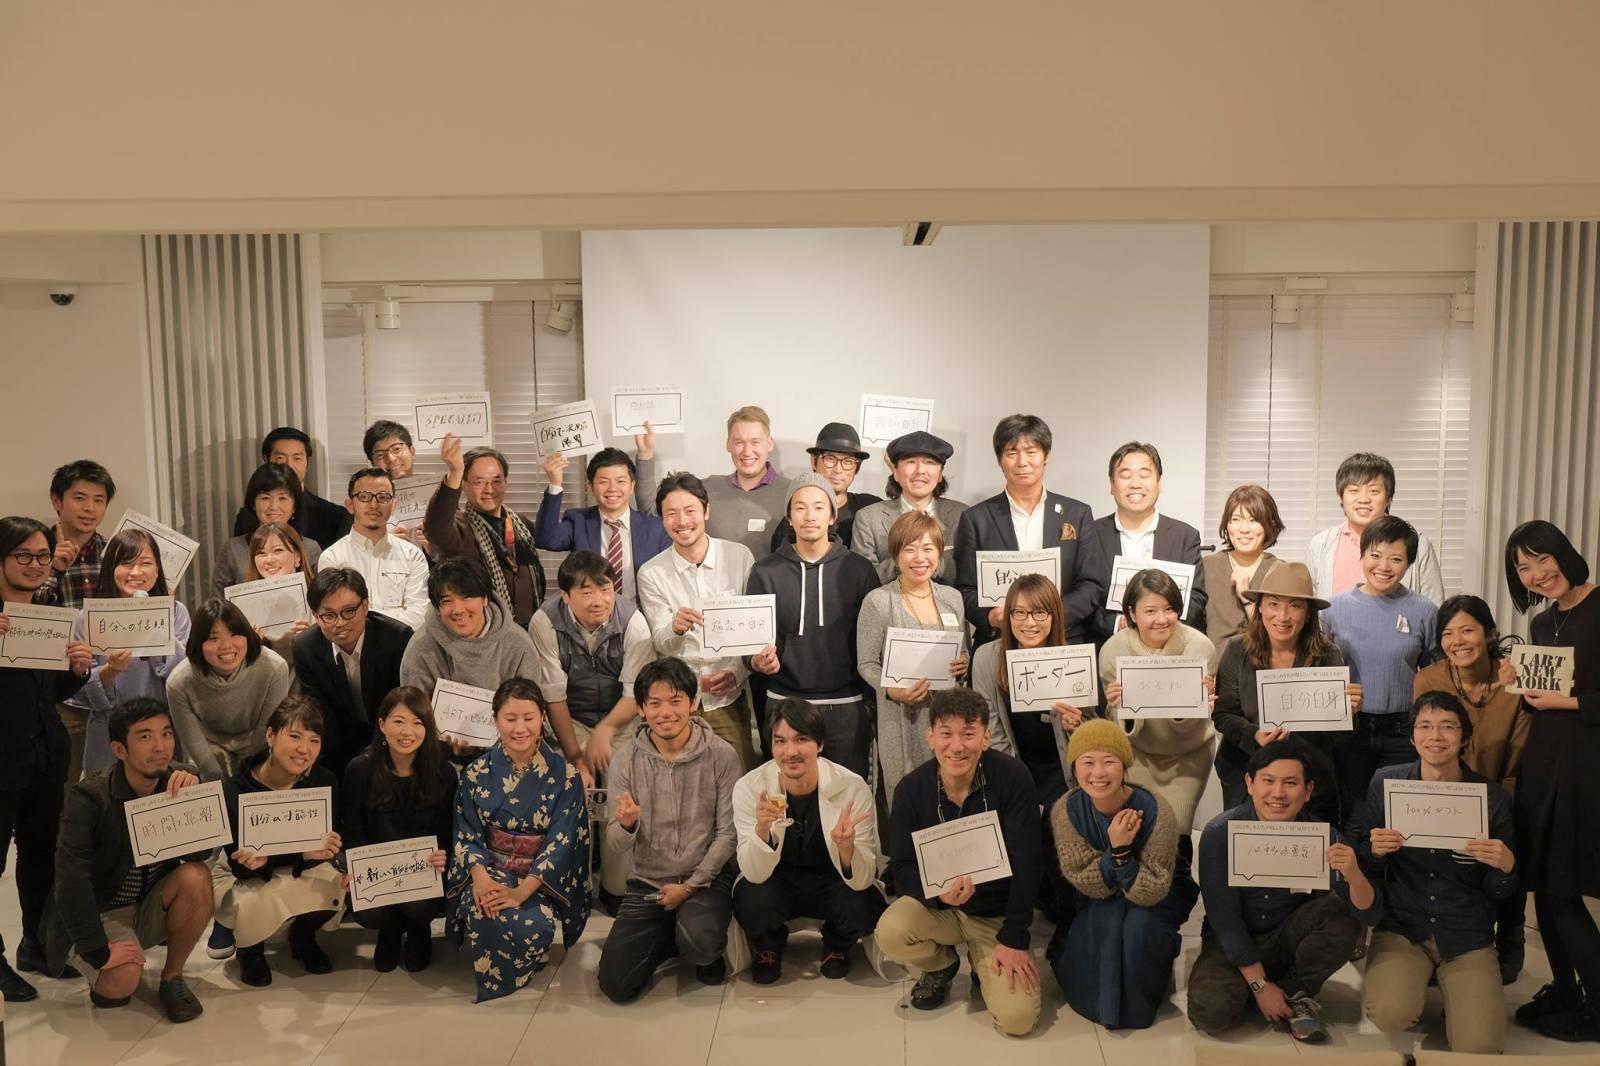 新たな出会いや取り組みを生み出すイベント「Ichi no Hito」での様子